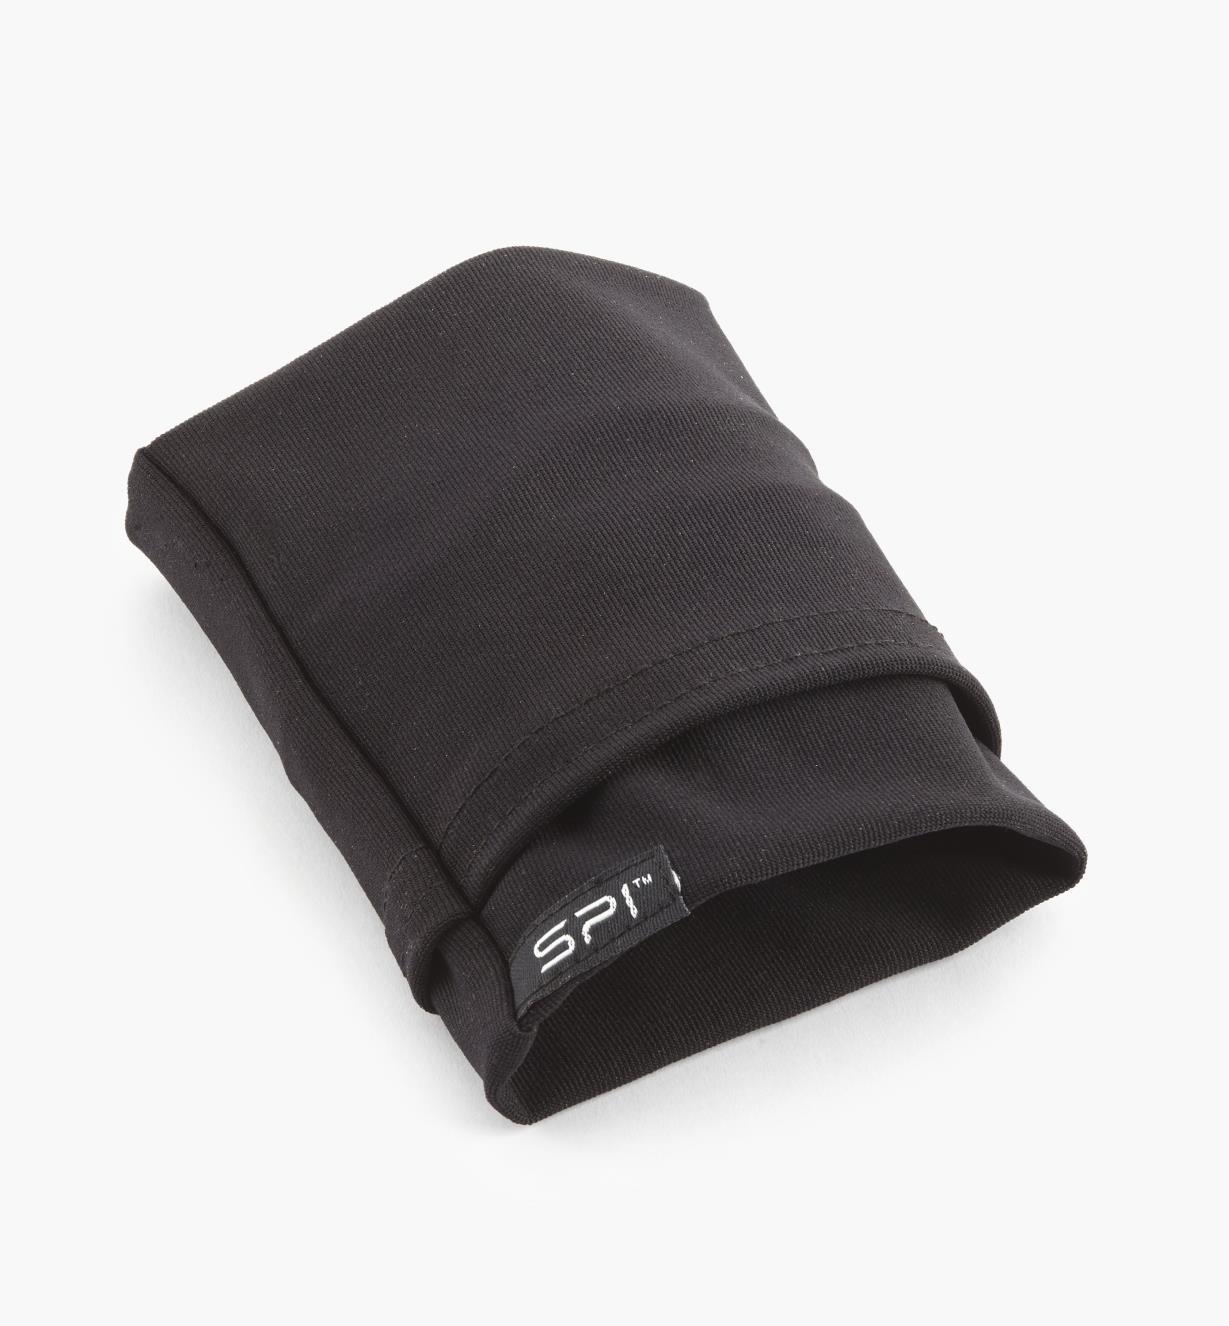 67K6847 - Wrist Wallet